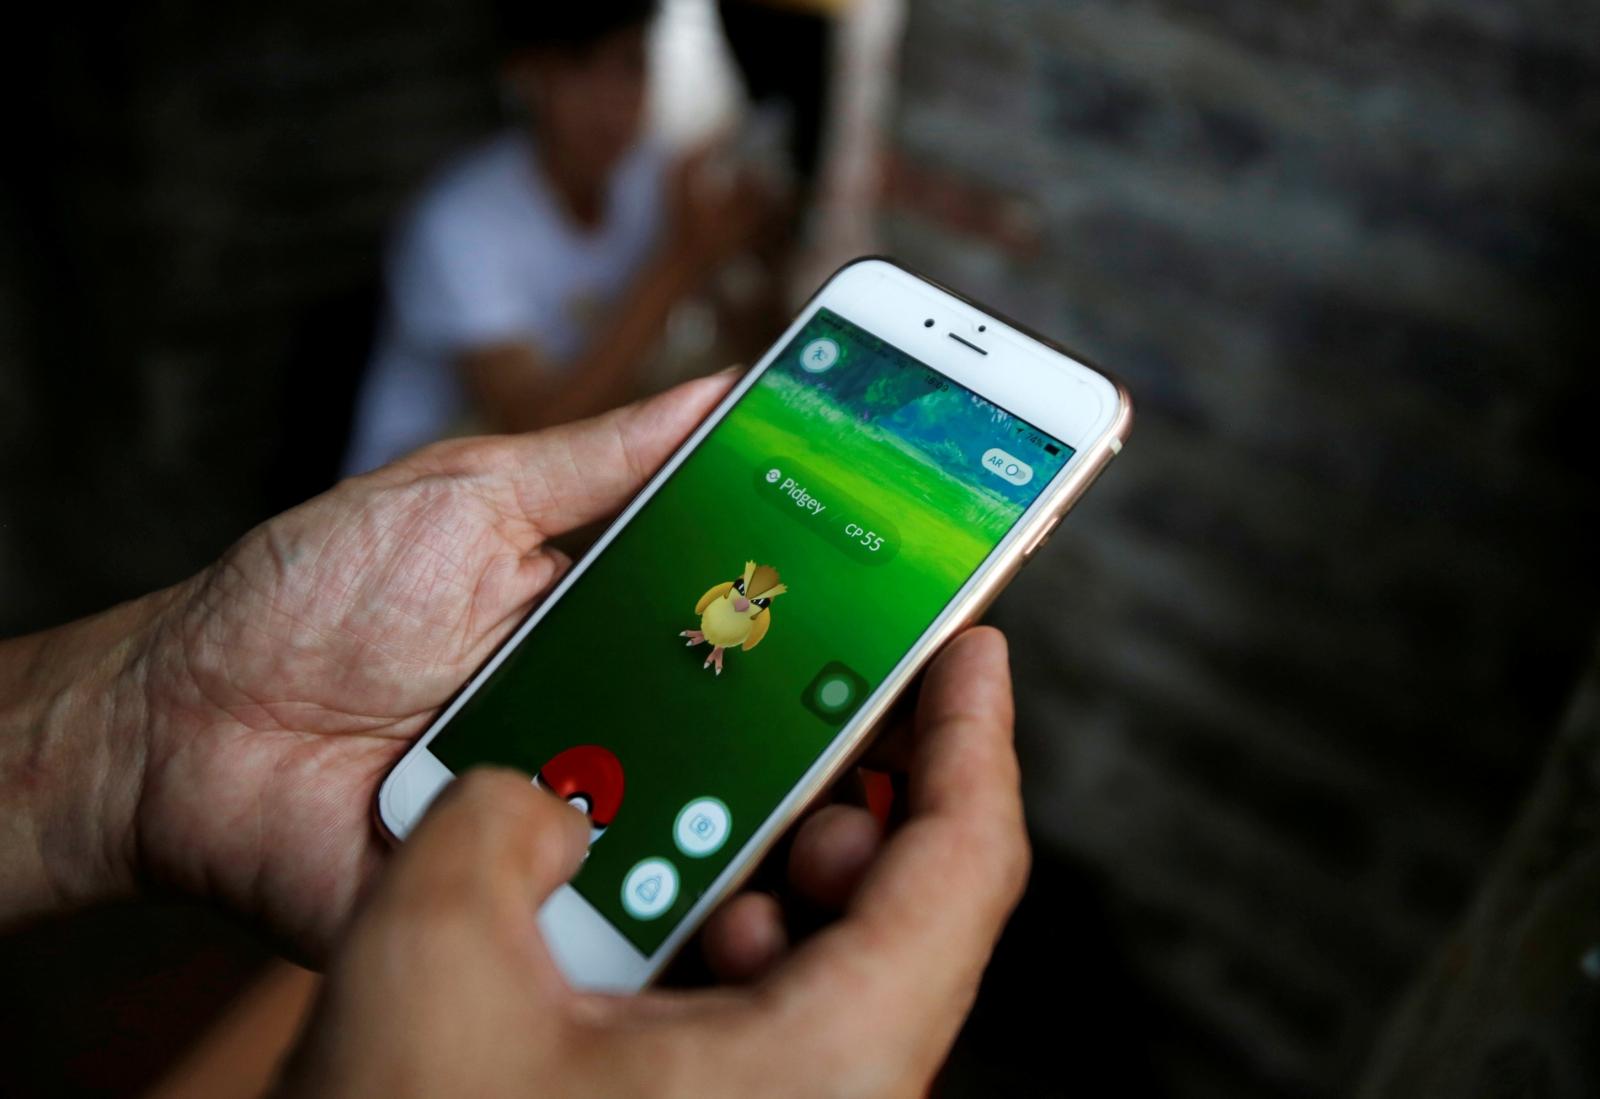 Pokemon Go on iPhone